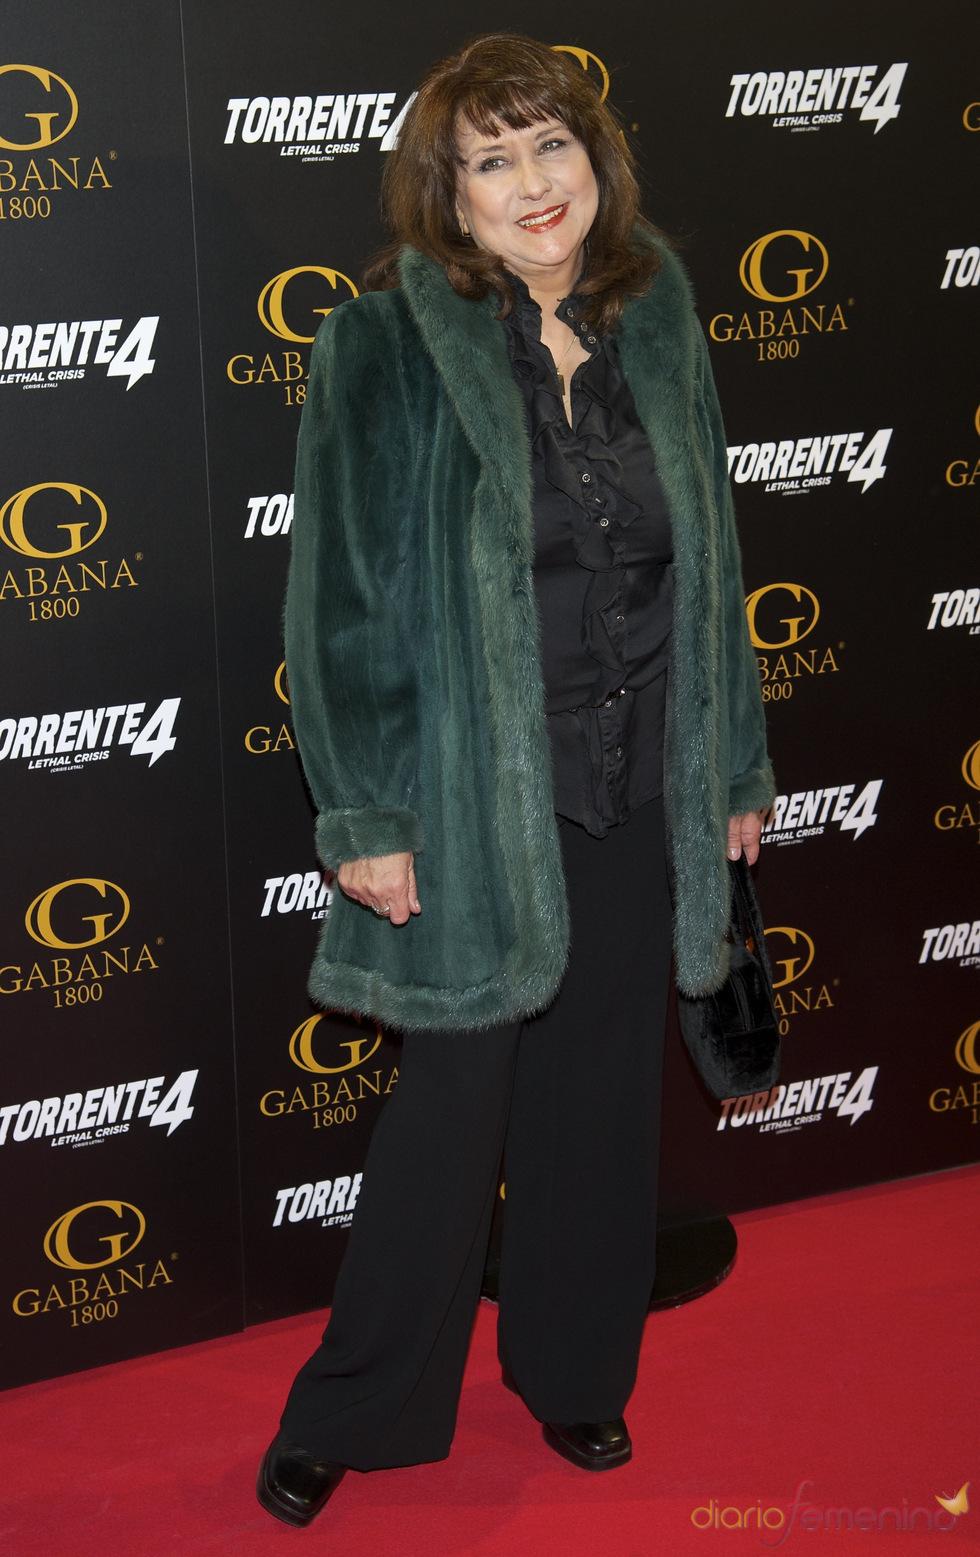 Soledad Mallol en el estreno de 'Torrente 4: lethal crisis'